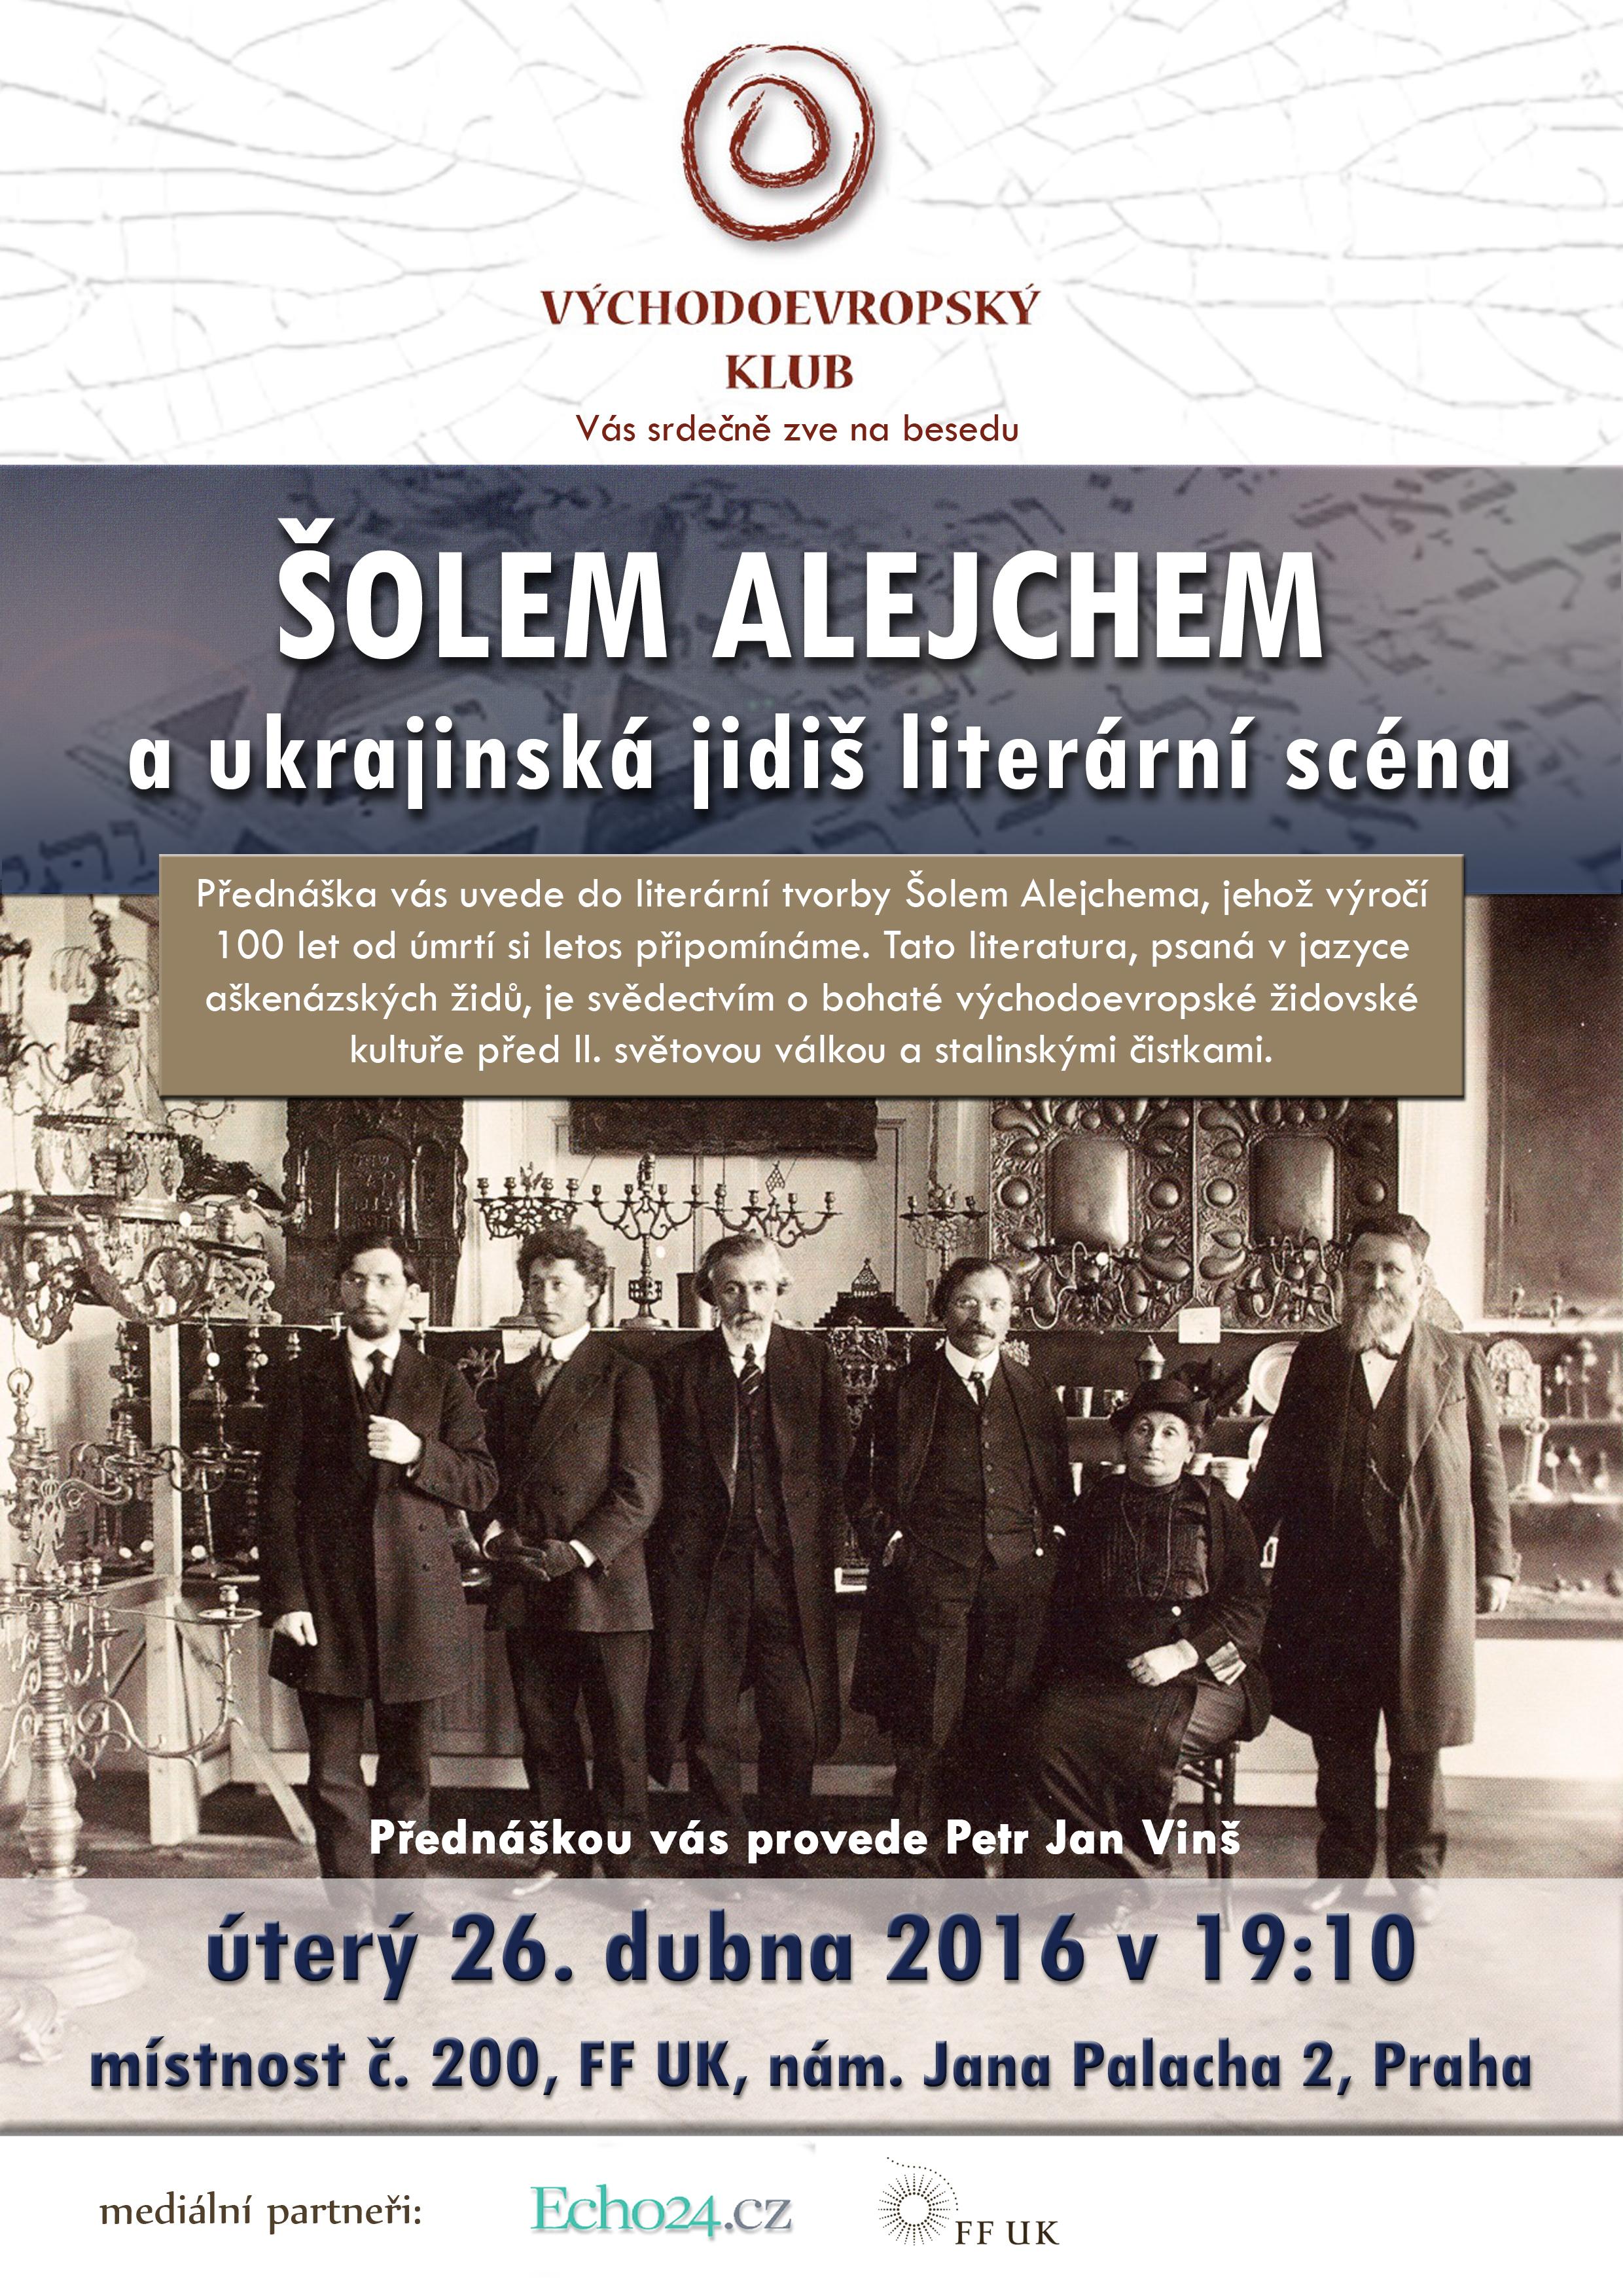 Plakát UKRAJI jidiš literatura copy